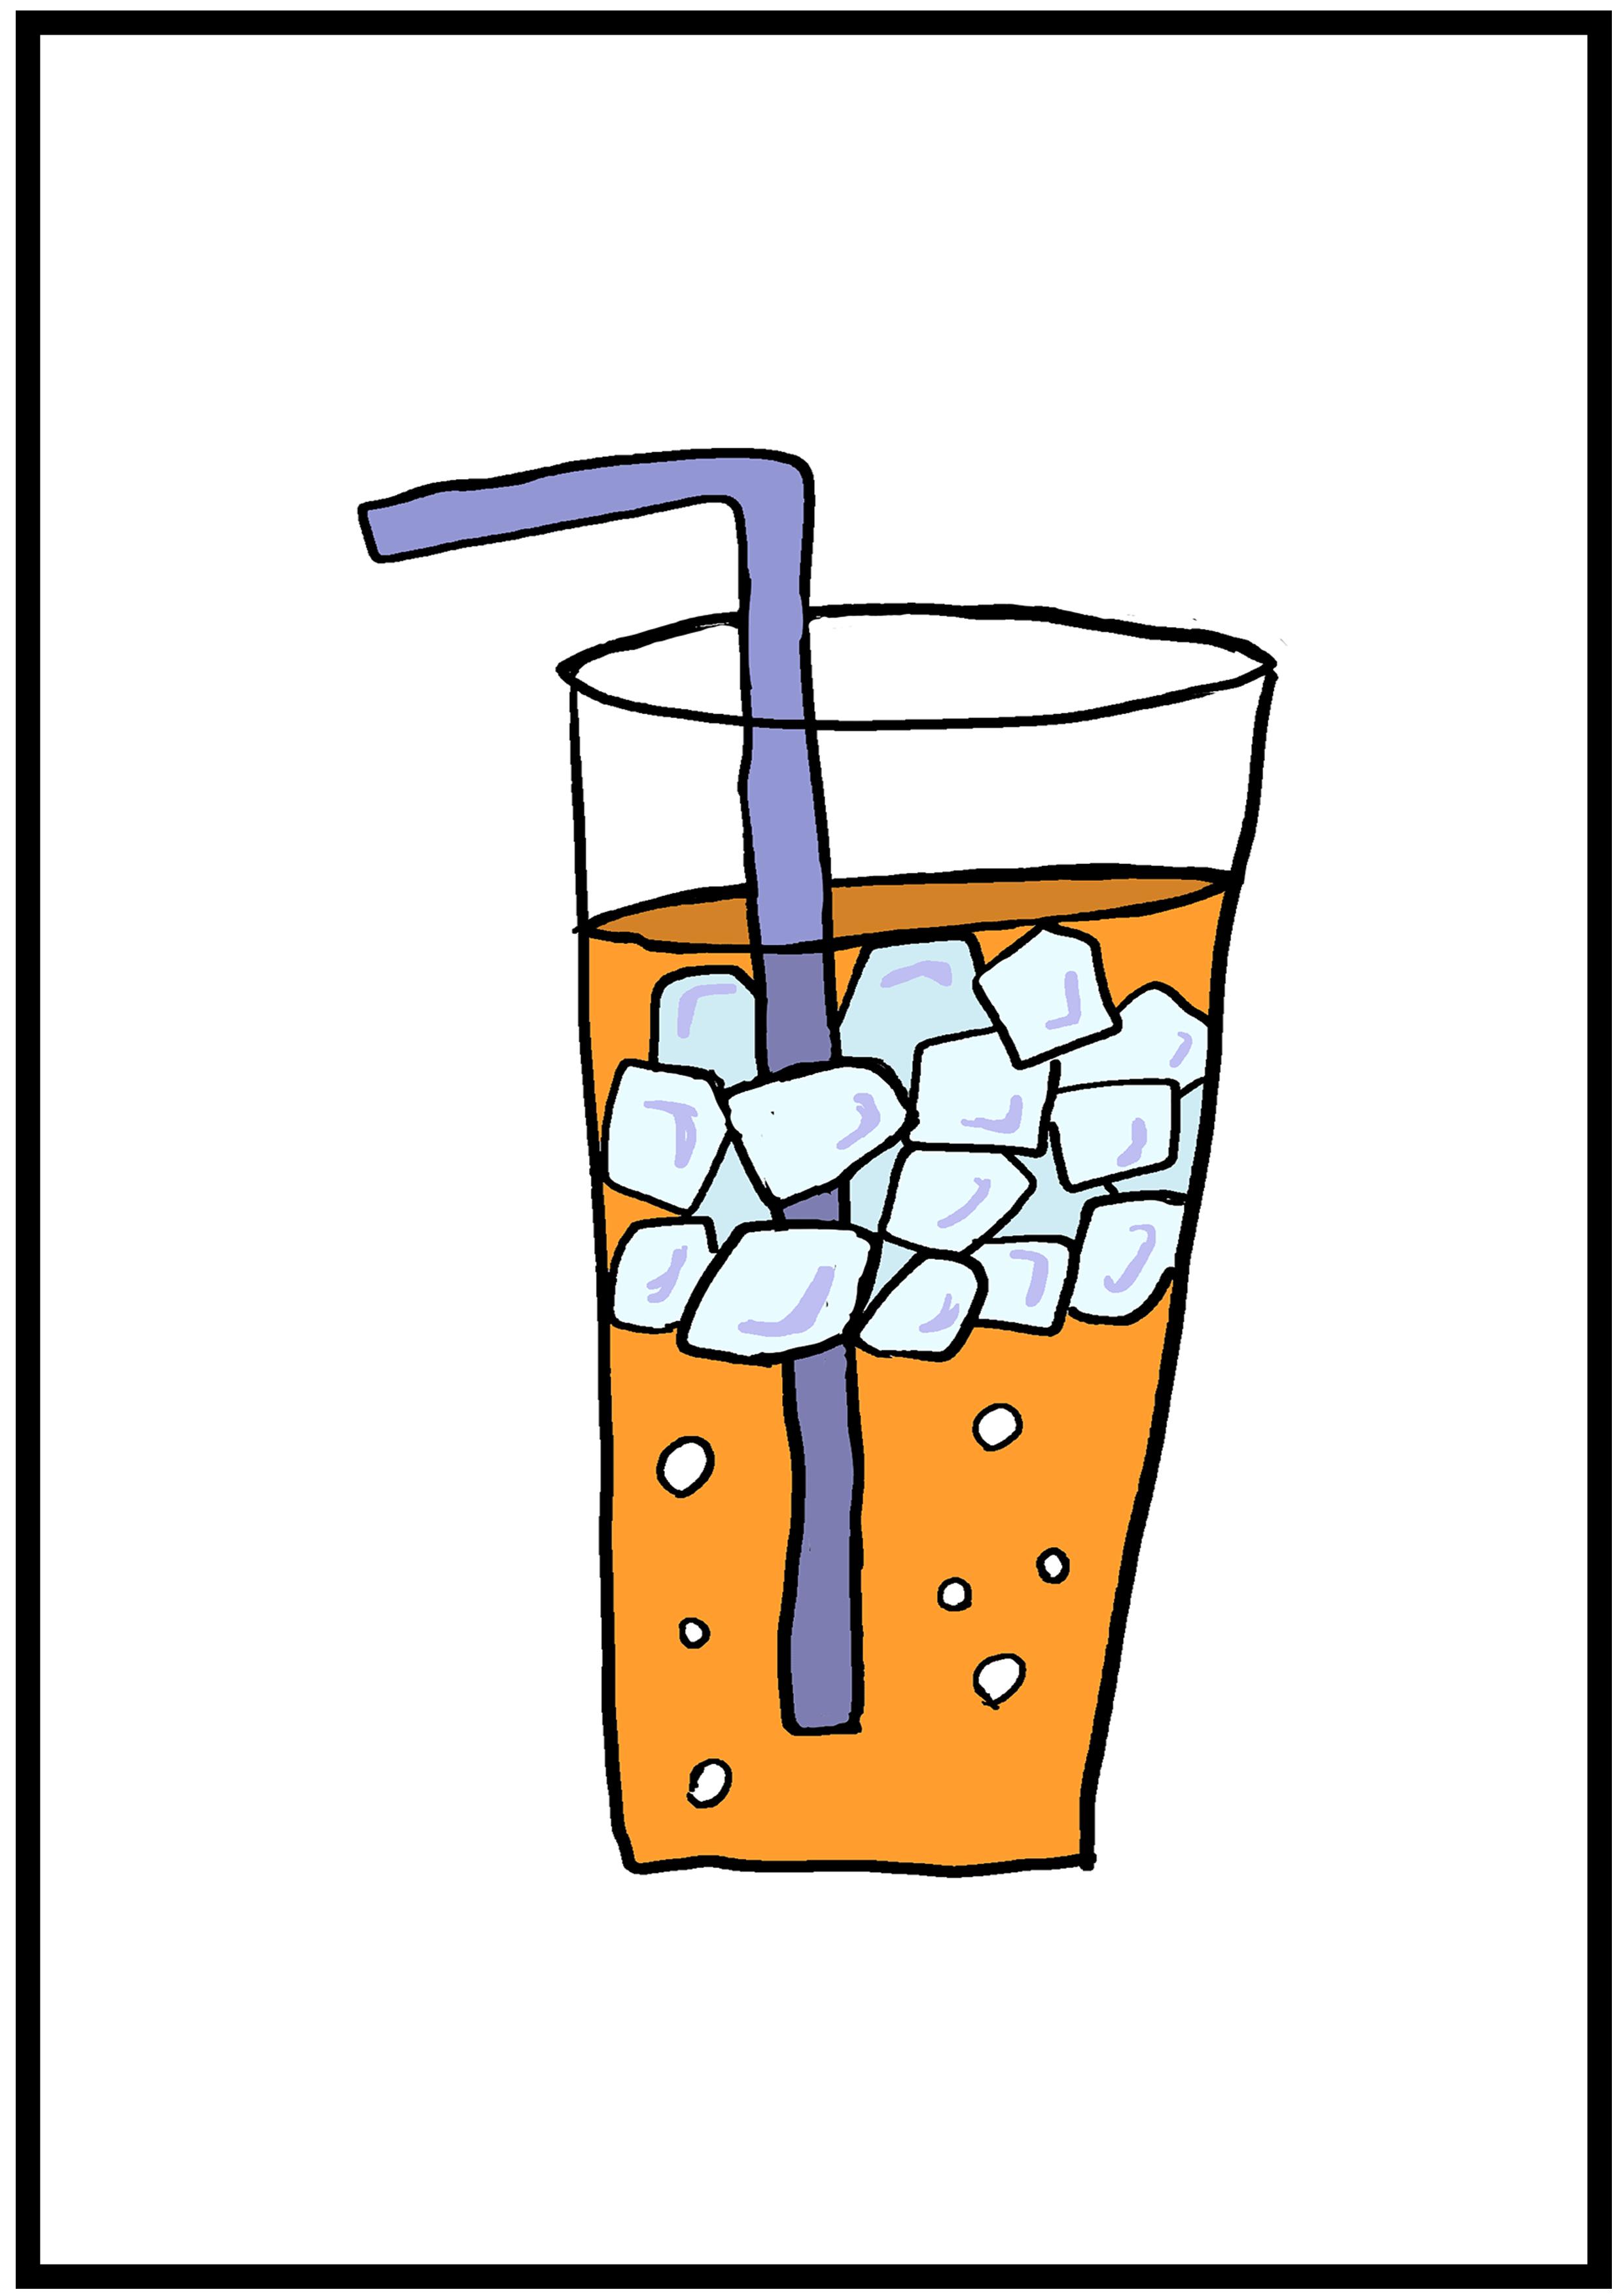 イラスト【冷たいジュース】